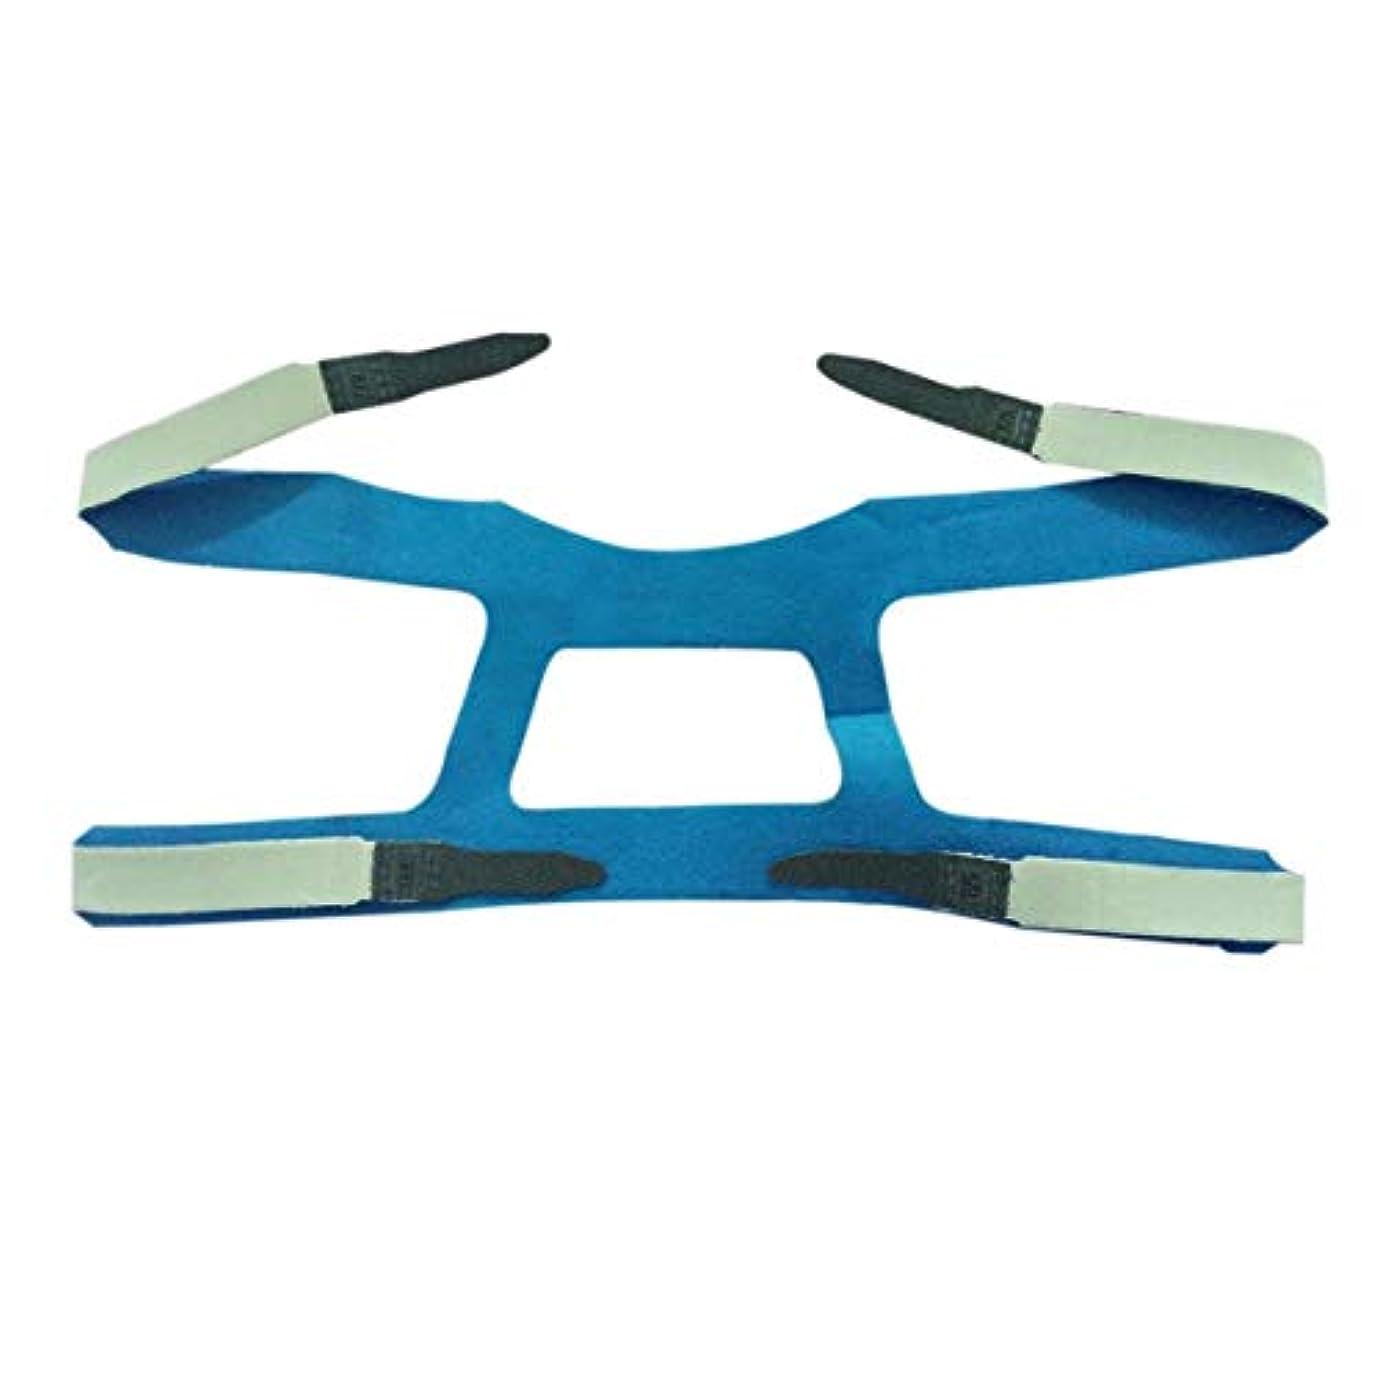 グラム霜偽物intercorey保護ギアユニバーサルデザインヘッドギアコンフォートジェルフルマスク安全な環境の取り替えCPAPヘッドバンドなしマスク用PHILPS